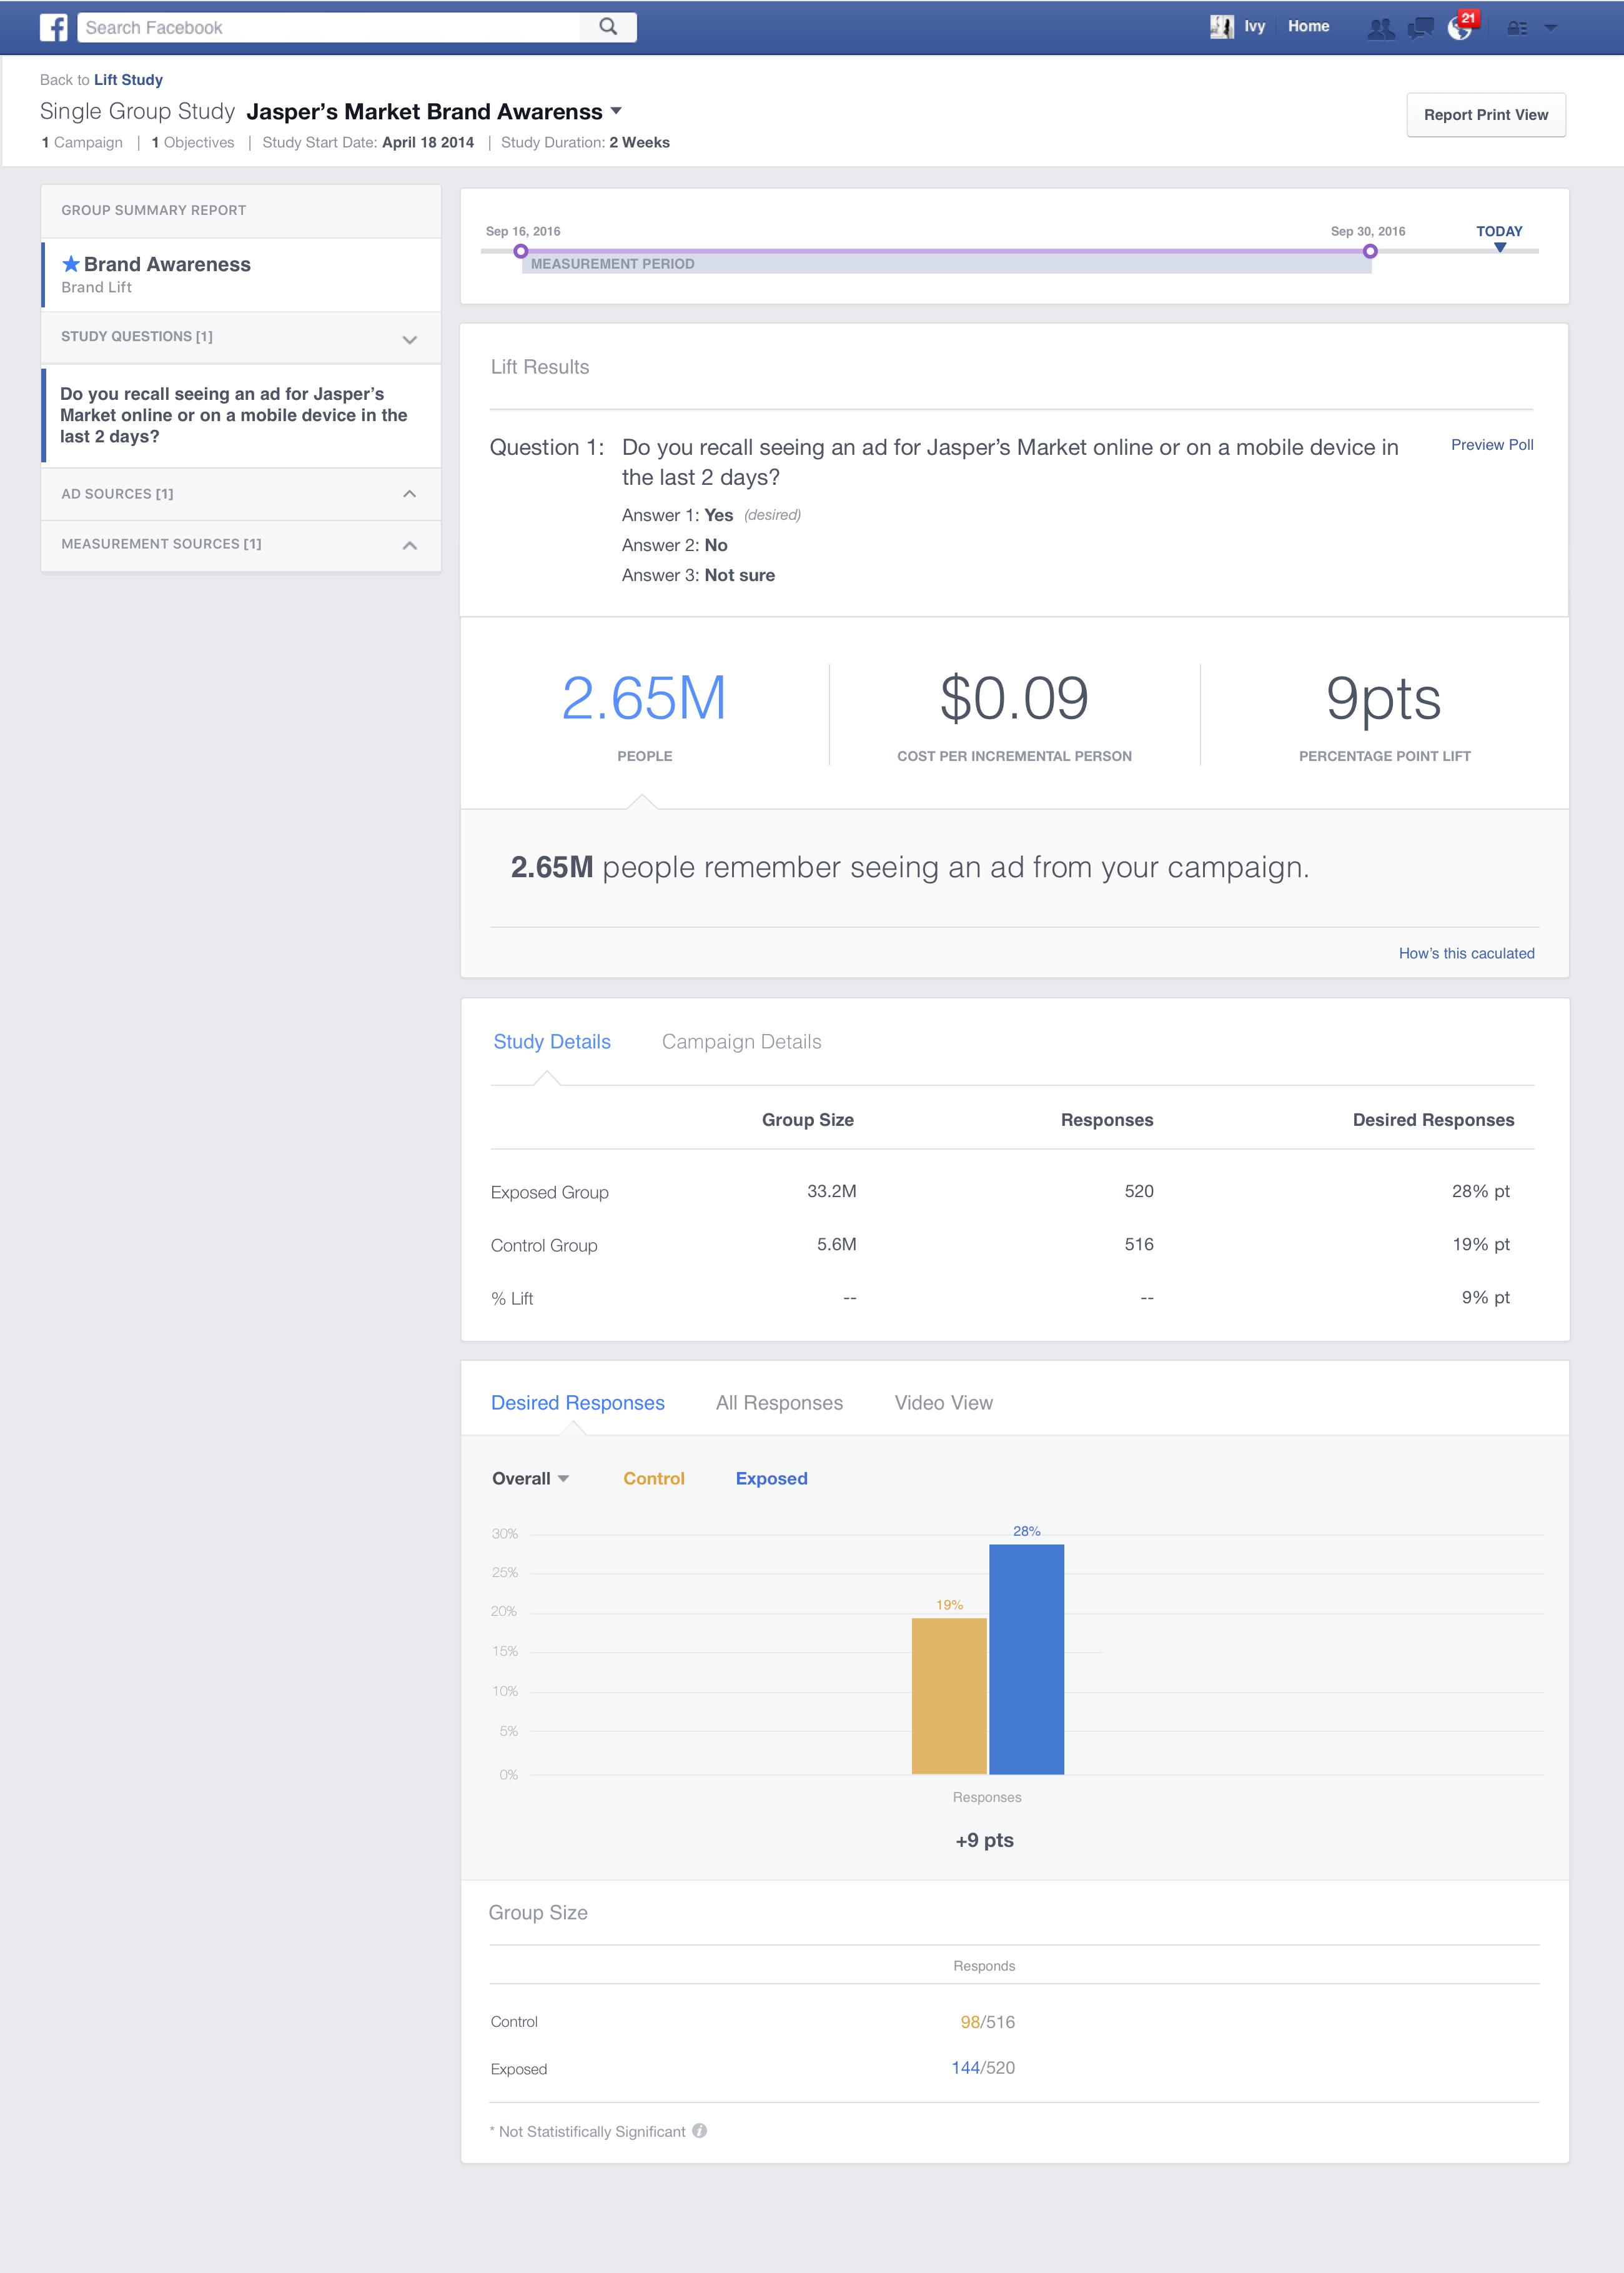 Brand Lift Survey Facebook là gì? và cách cài đặt như thế nào? 19